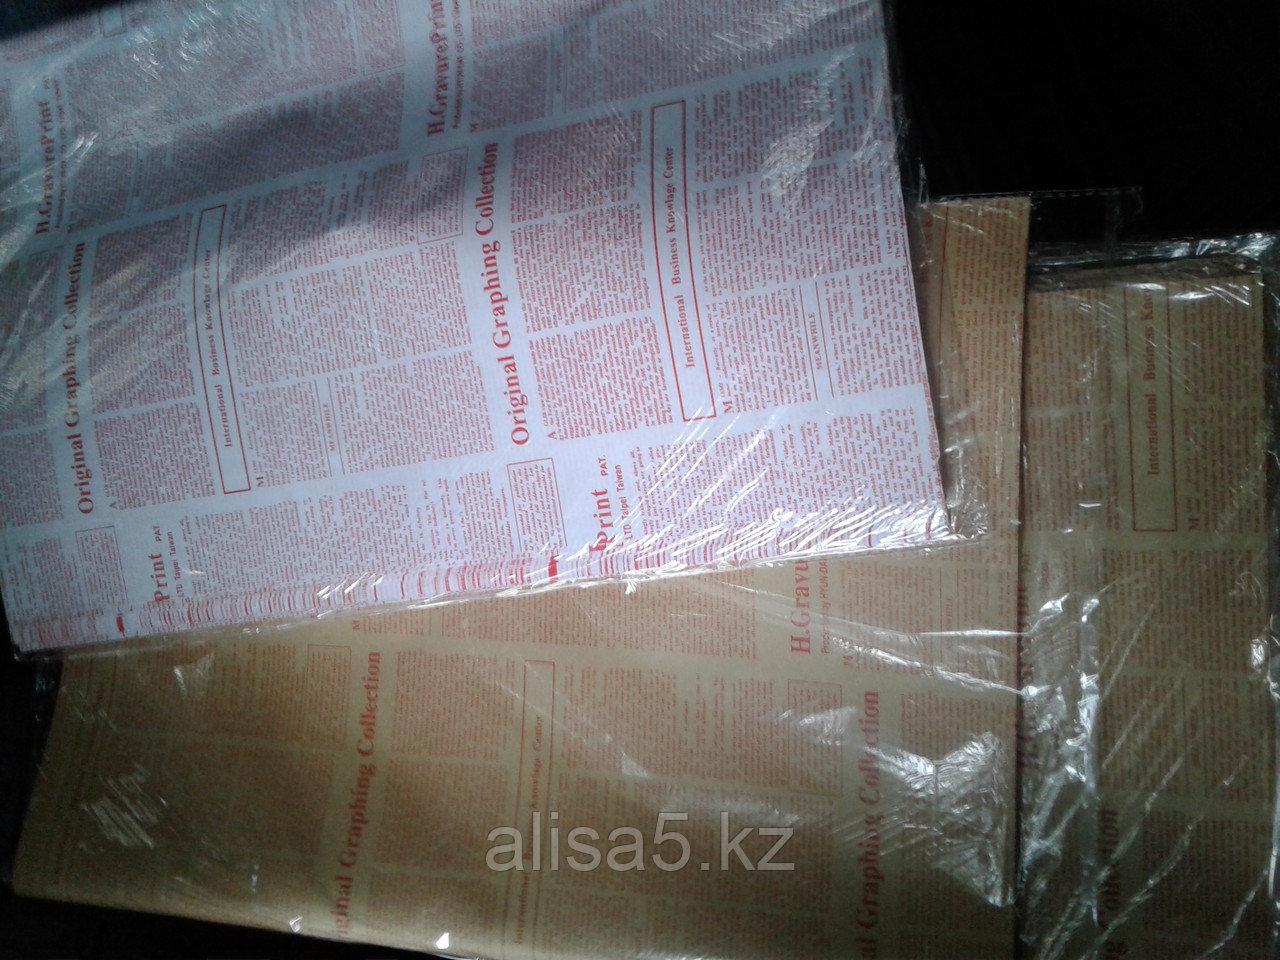 Крафт бумага (газетная бумага) коричневая, шрифт красный